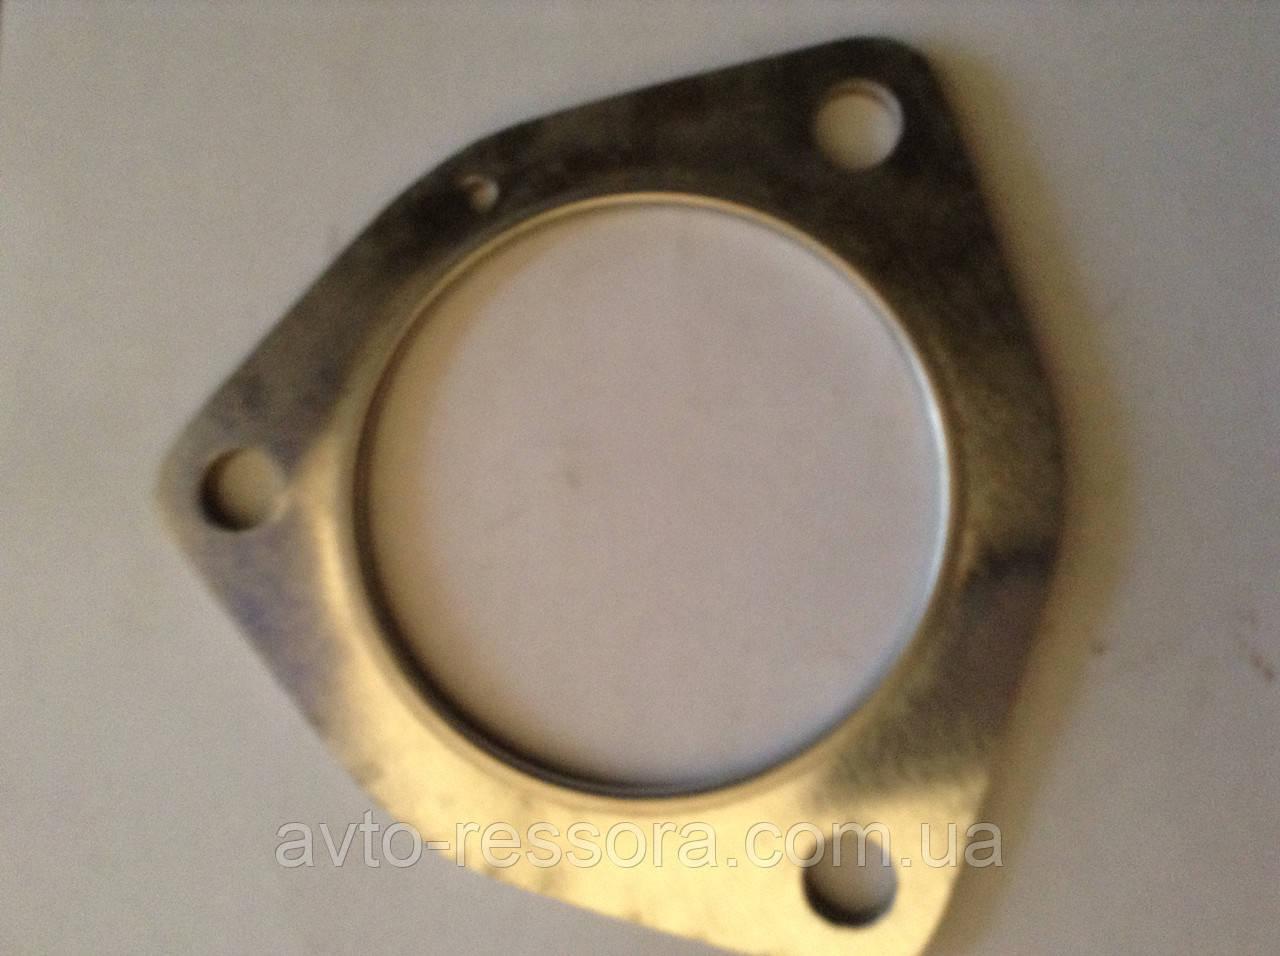 Прокладка трубы глушителя 3 отве.( приемной трубы) Эталон, I-VAN, ТАТА  (613 EII, 613 EIII) пр-во Индия